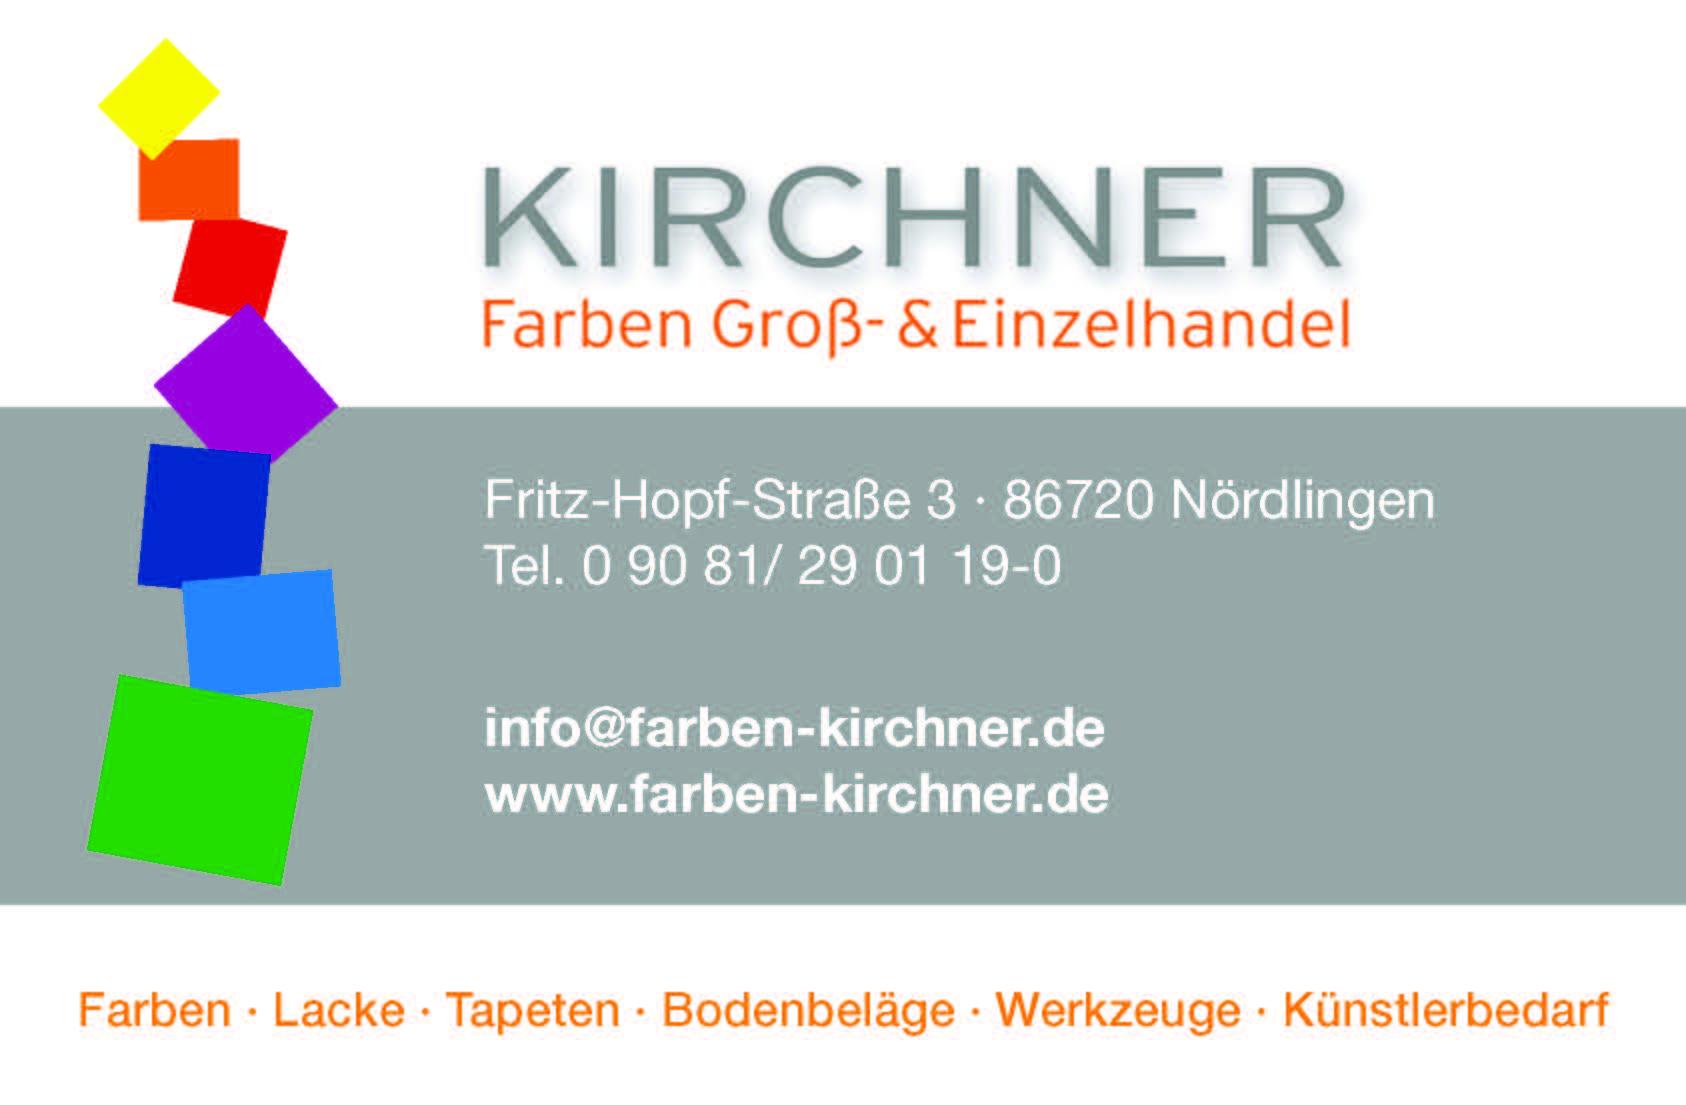 Kirchner Farbengroßhandel - Azubicard Schwaben